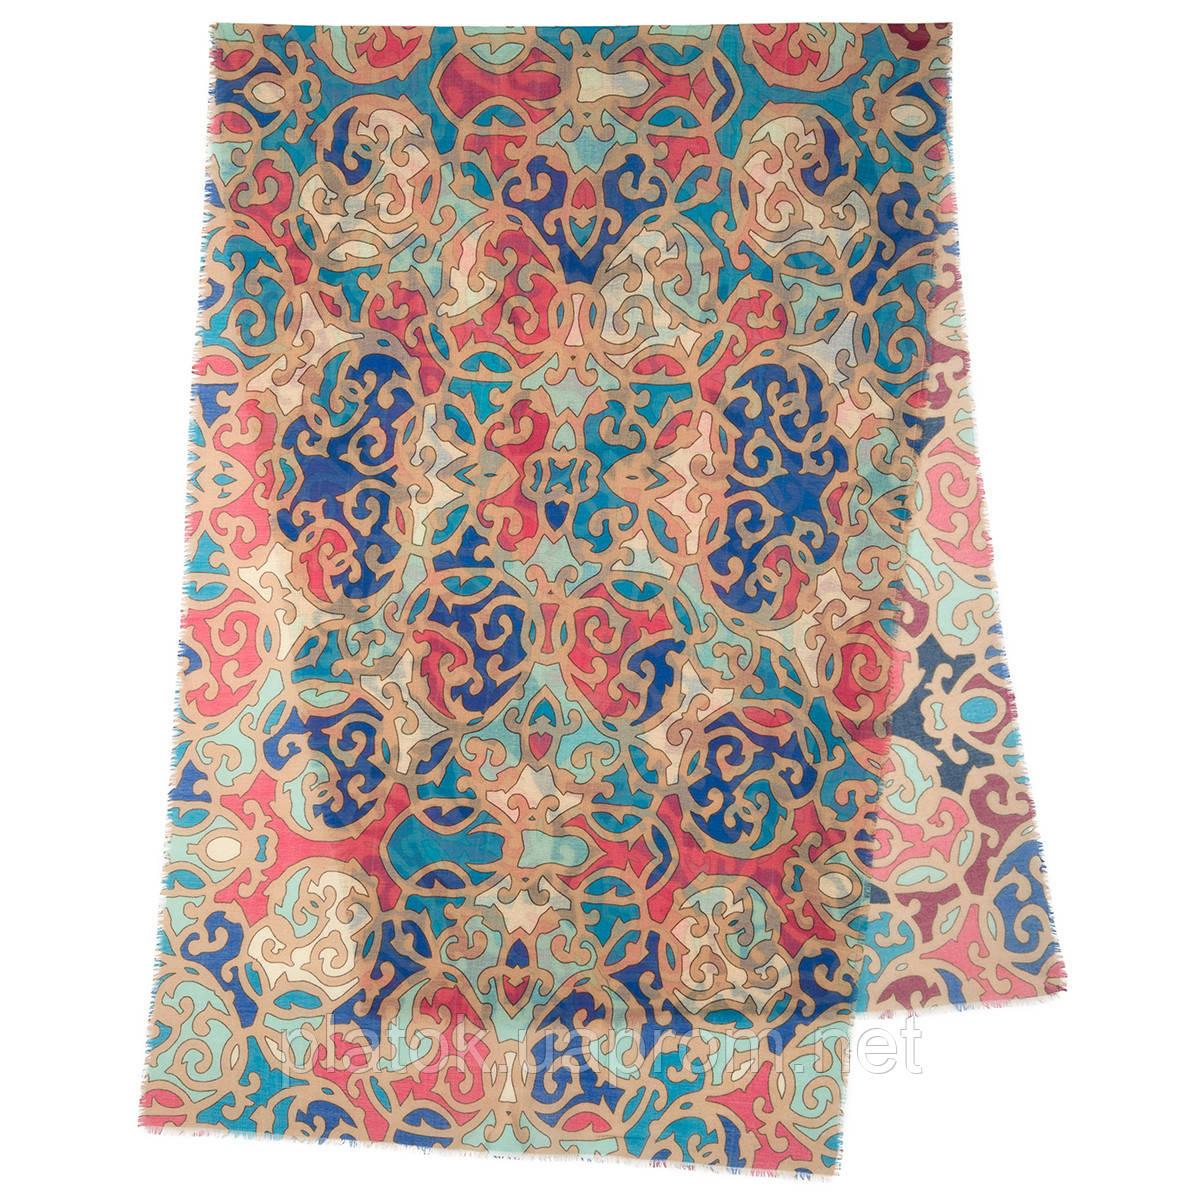 Палантин шерстяной 10677-1, павлопосадский шарф-палантин шерстяной (разреженная шерсть) с осыпкой